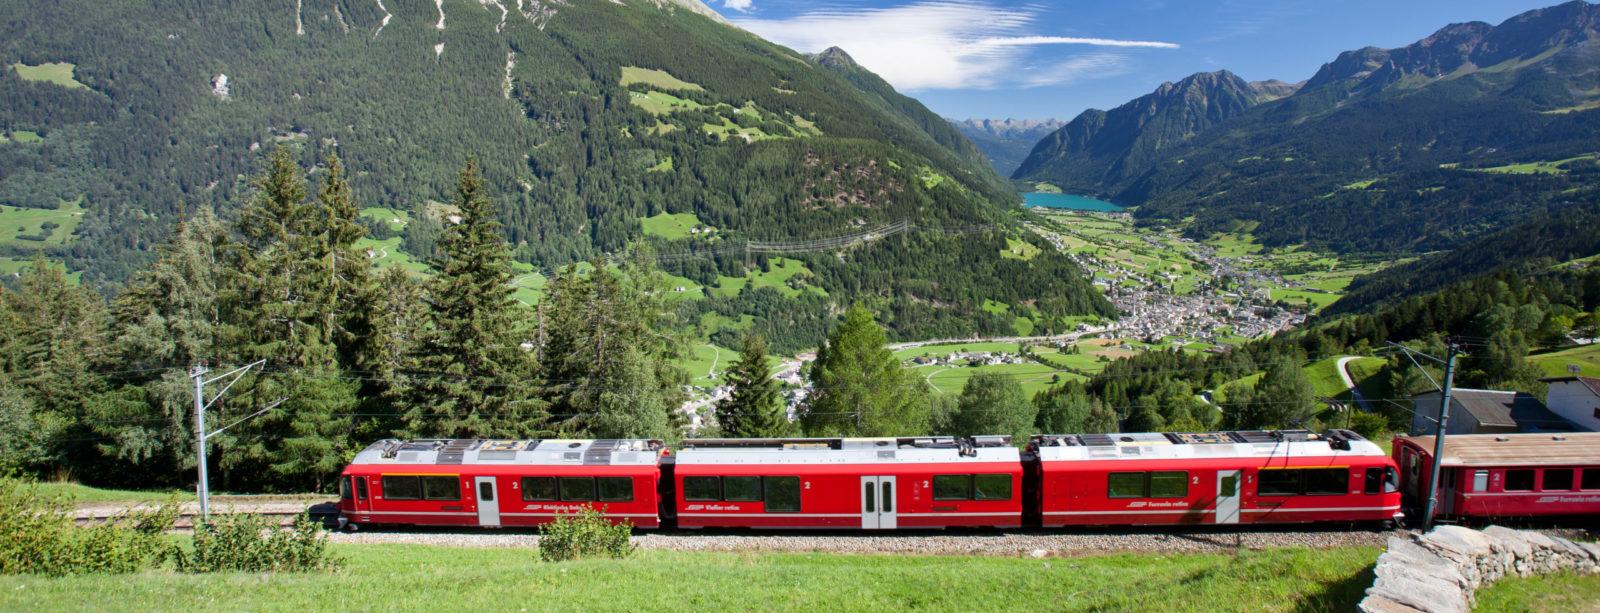 Aussicht auf das Valposchiavo - Bernina Express